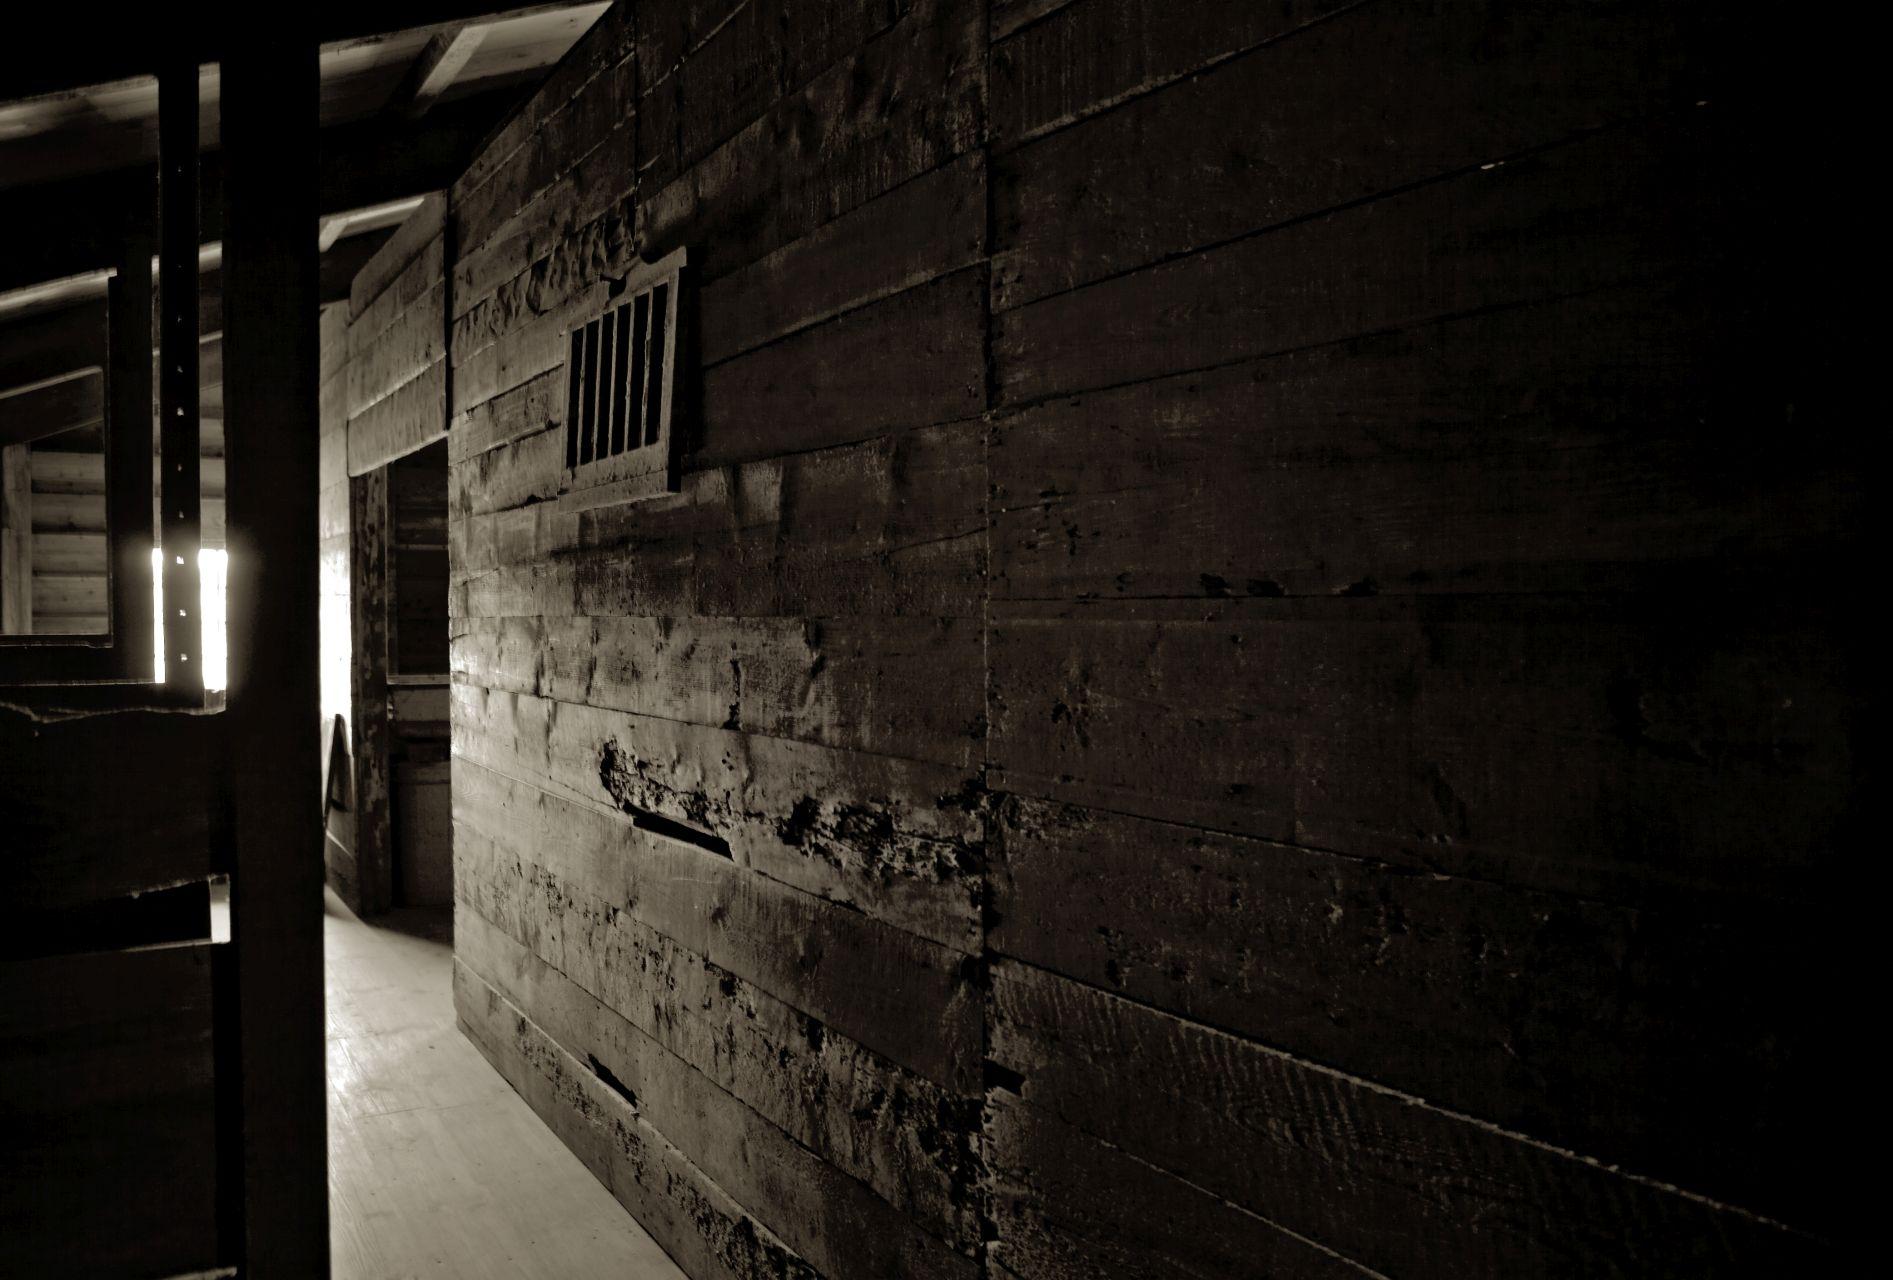 L De Stad Interieurs papiermolen (9)